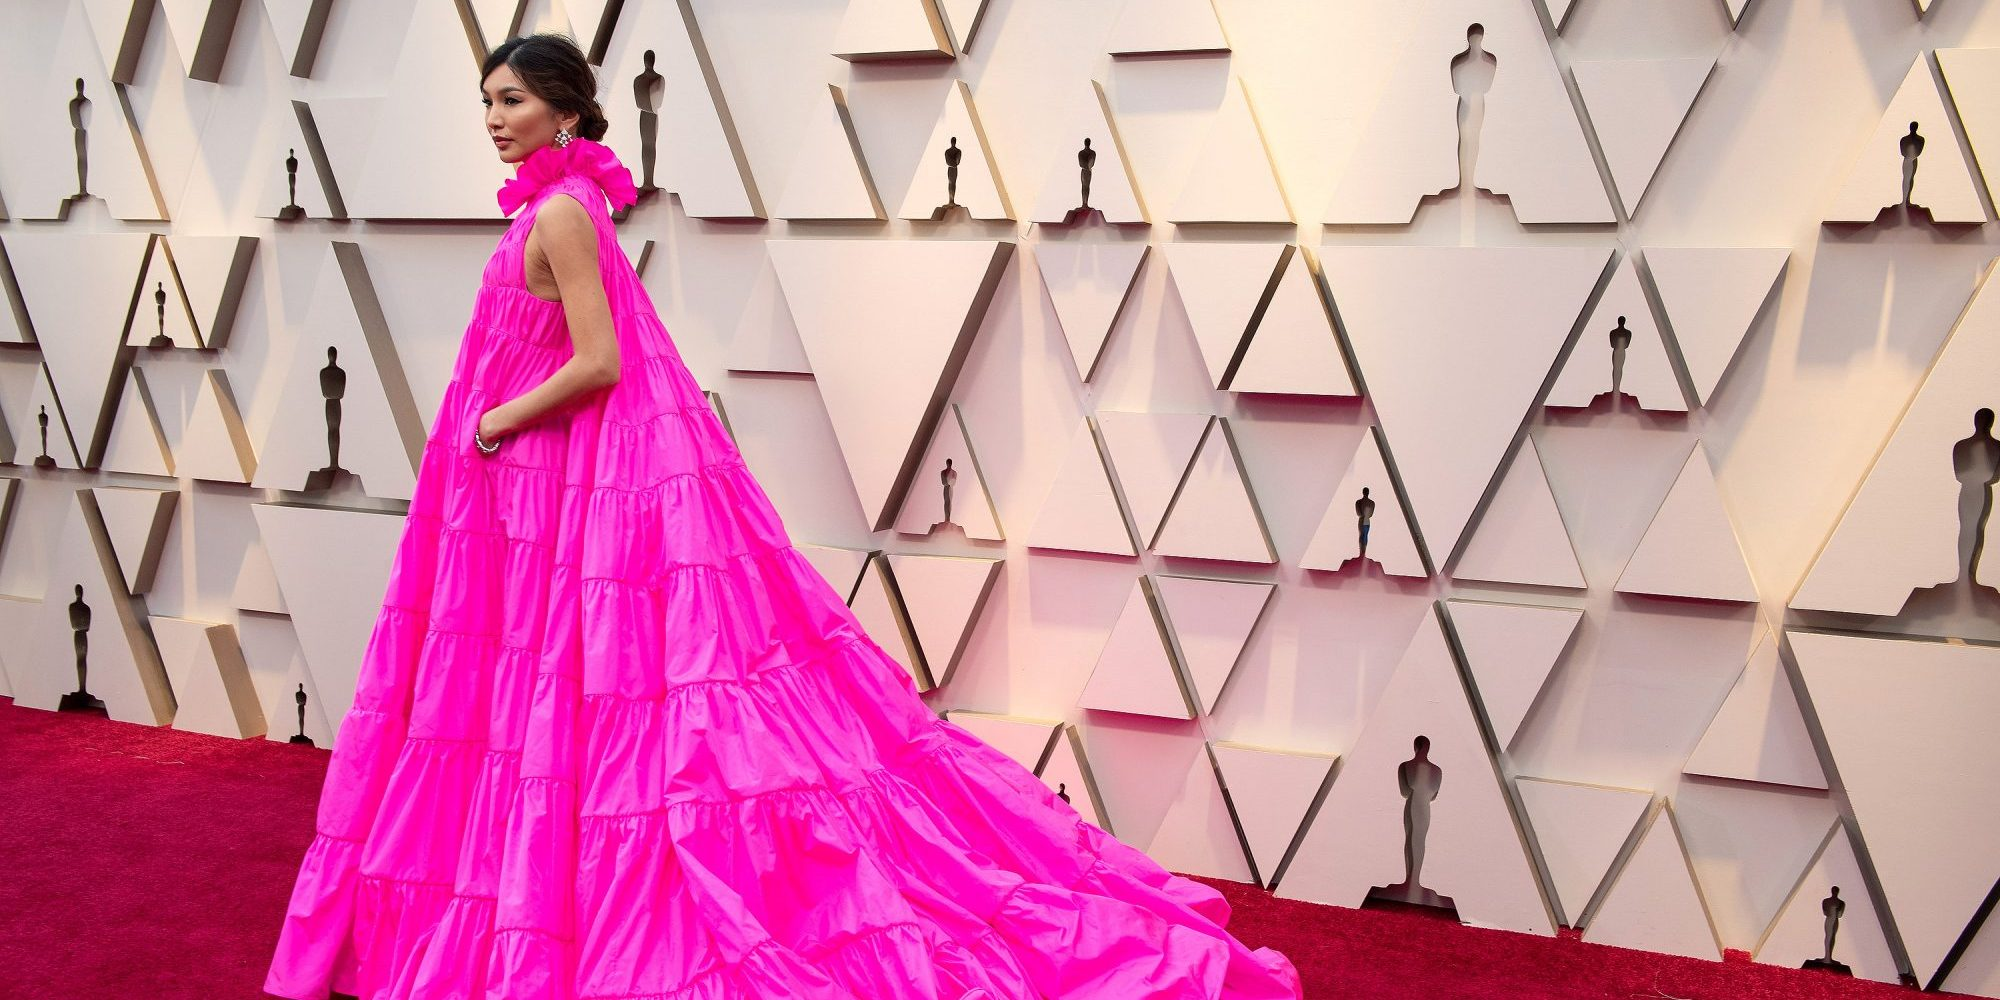 Οι 30 ωραιότερες εμφανίσεις όλων των εποχών στα Oscars. Αξίζουν βραβείο από μόνες τους